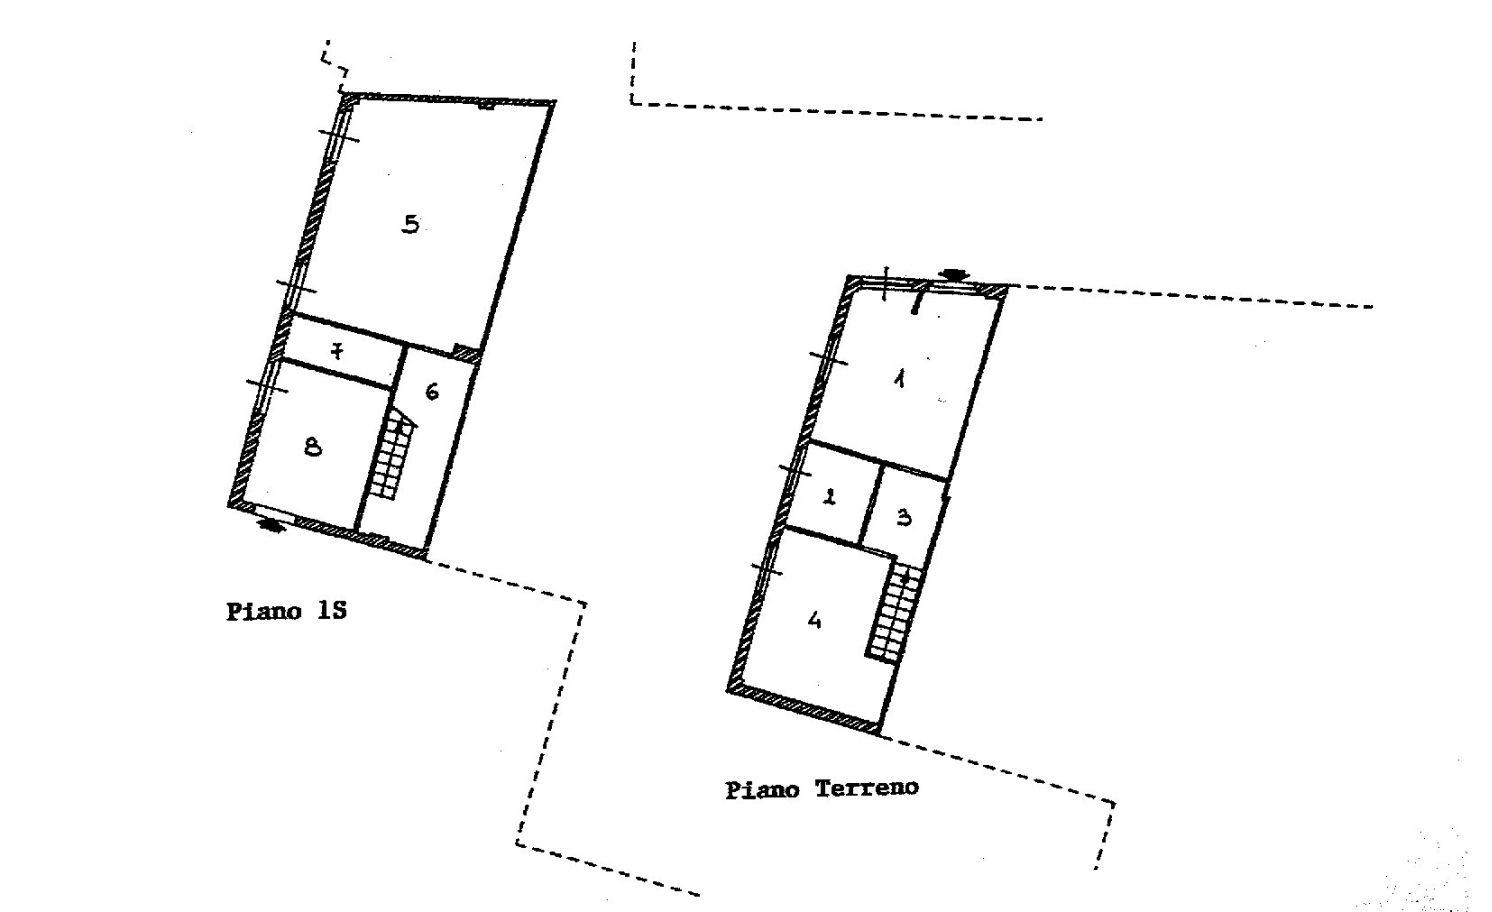 Appartamento in vendita, rif. R/650 (Planimetria 1/2)